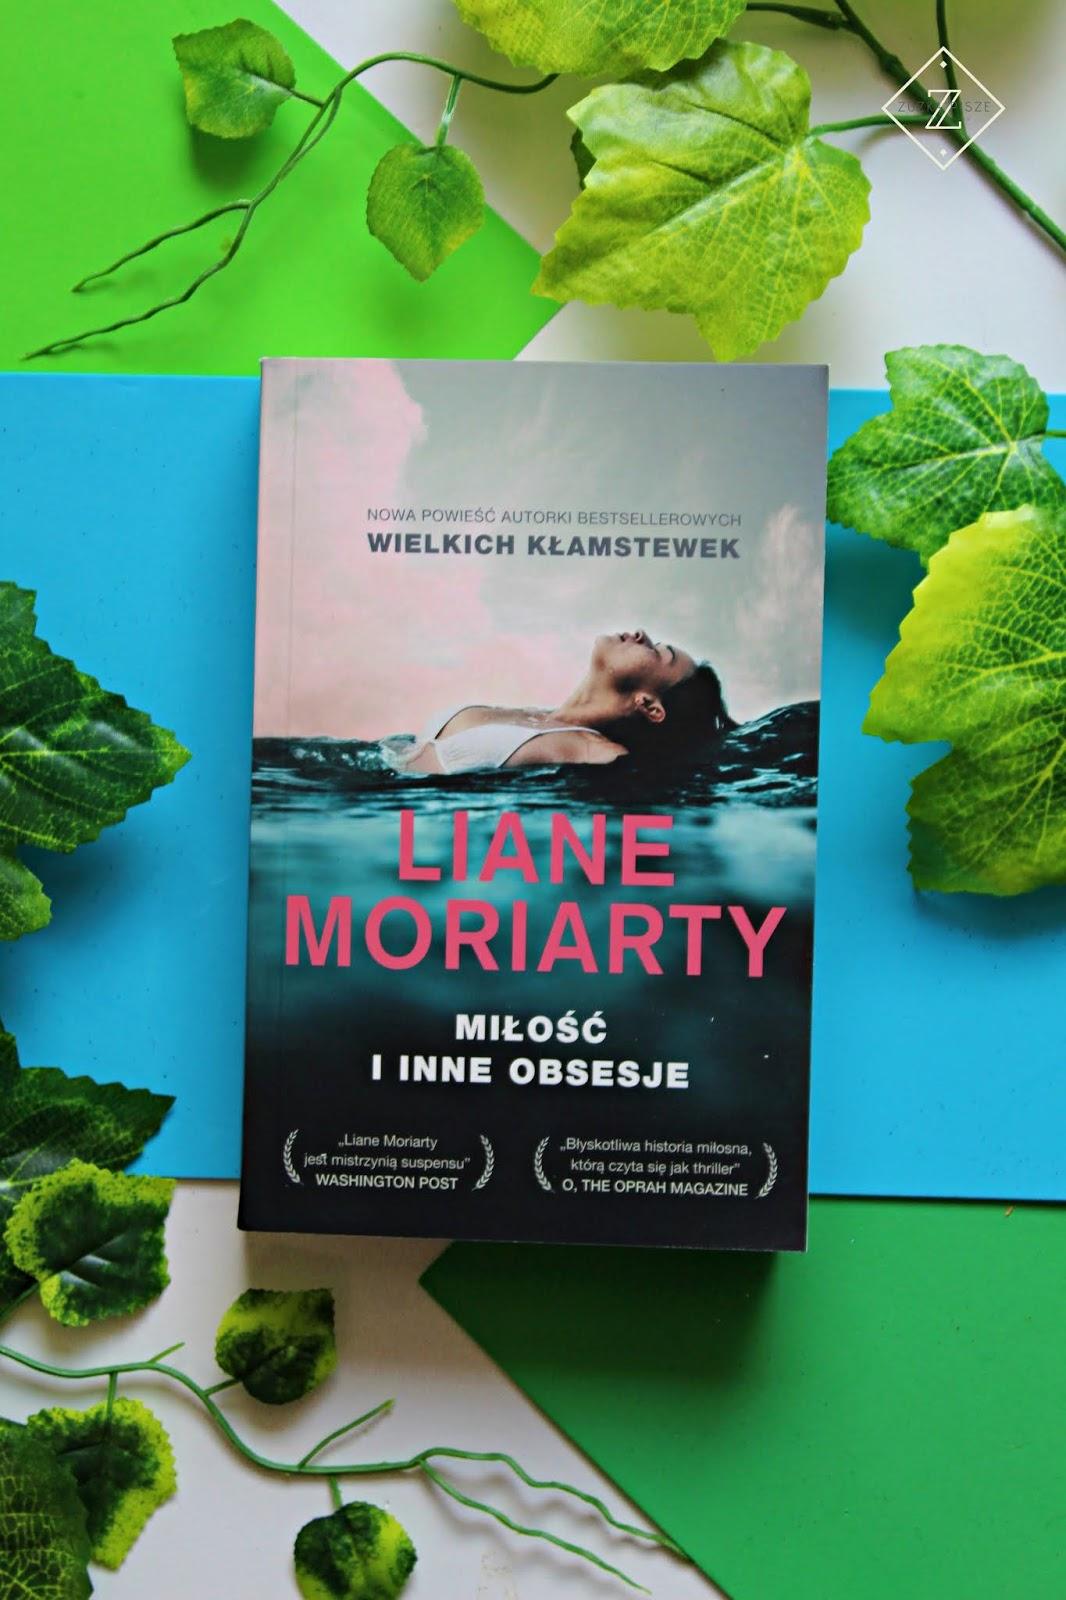 """Liane Moriarty """"Miłość i inne obsesje"""" - recenzja"""